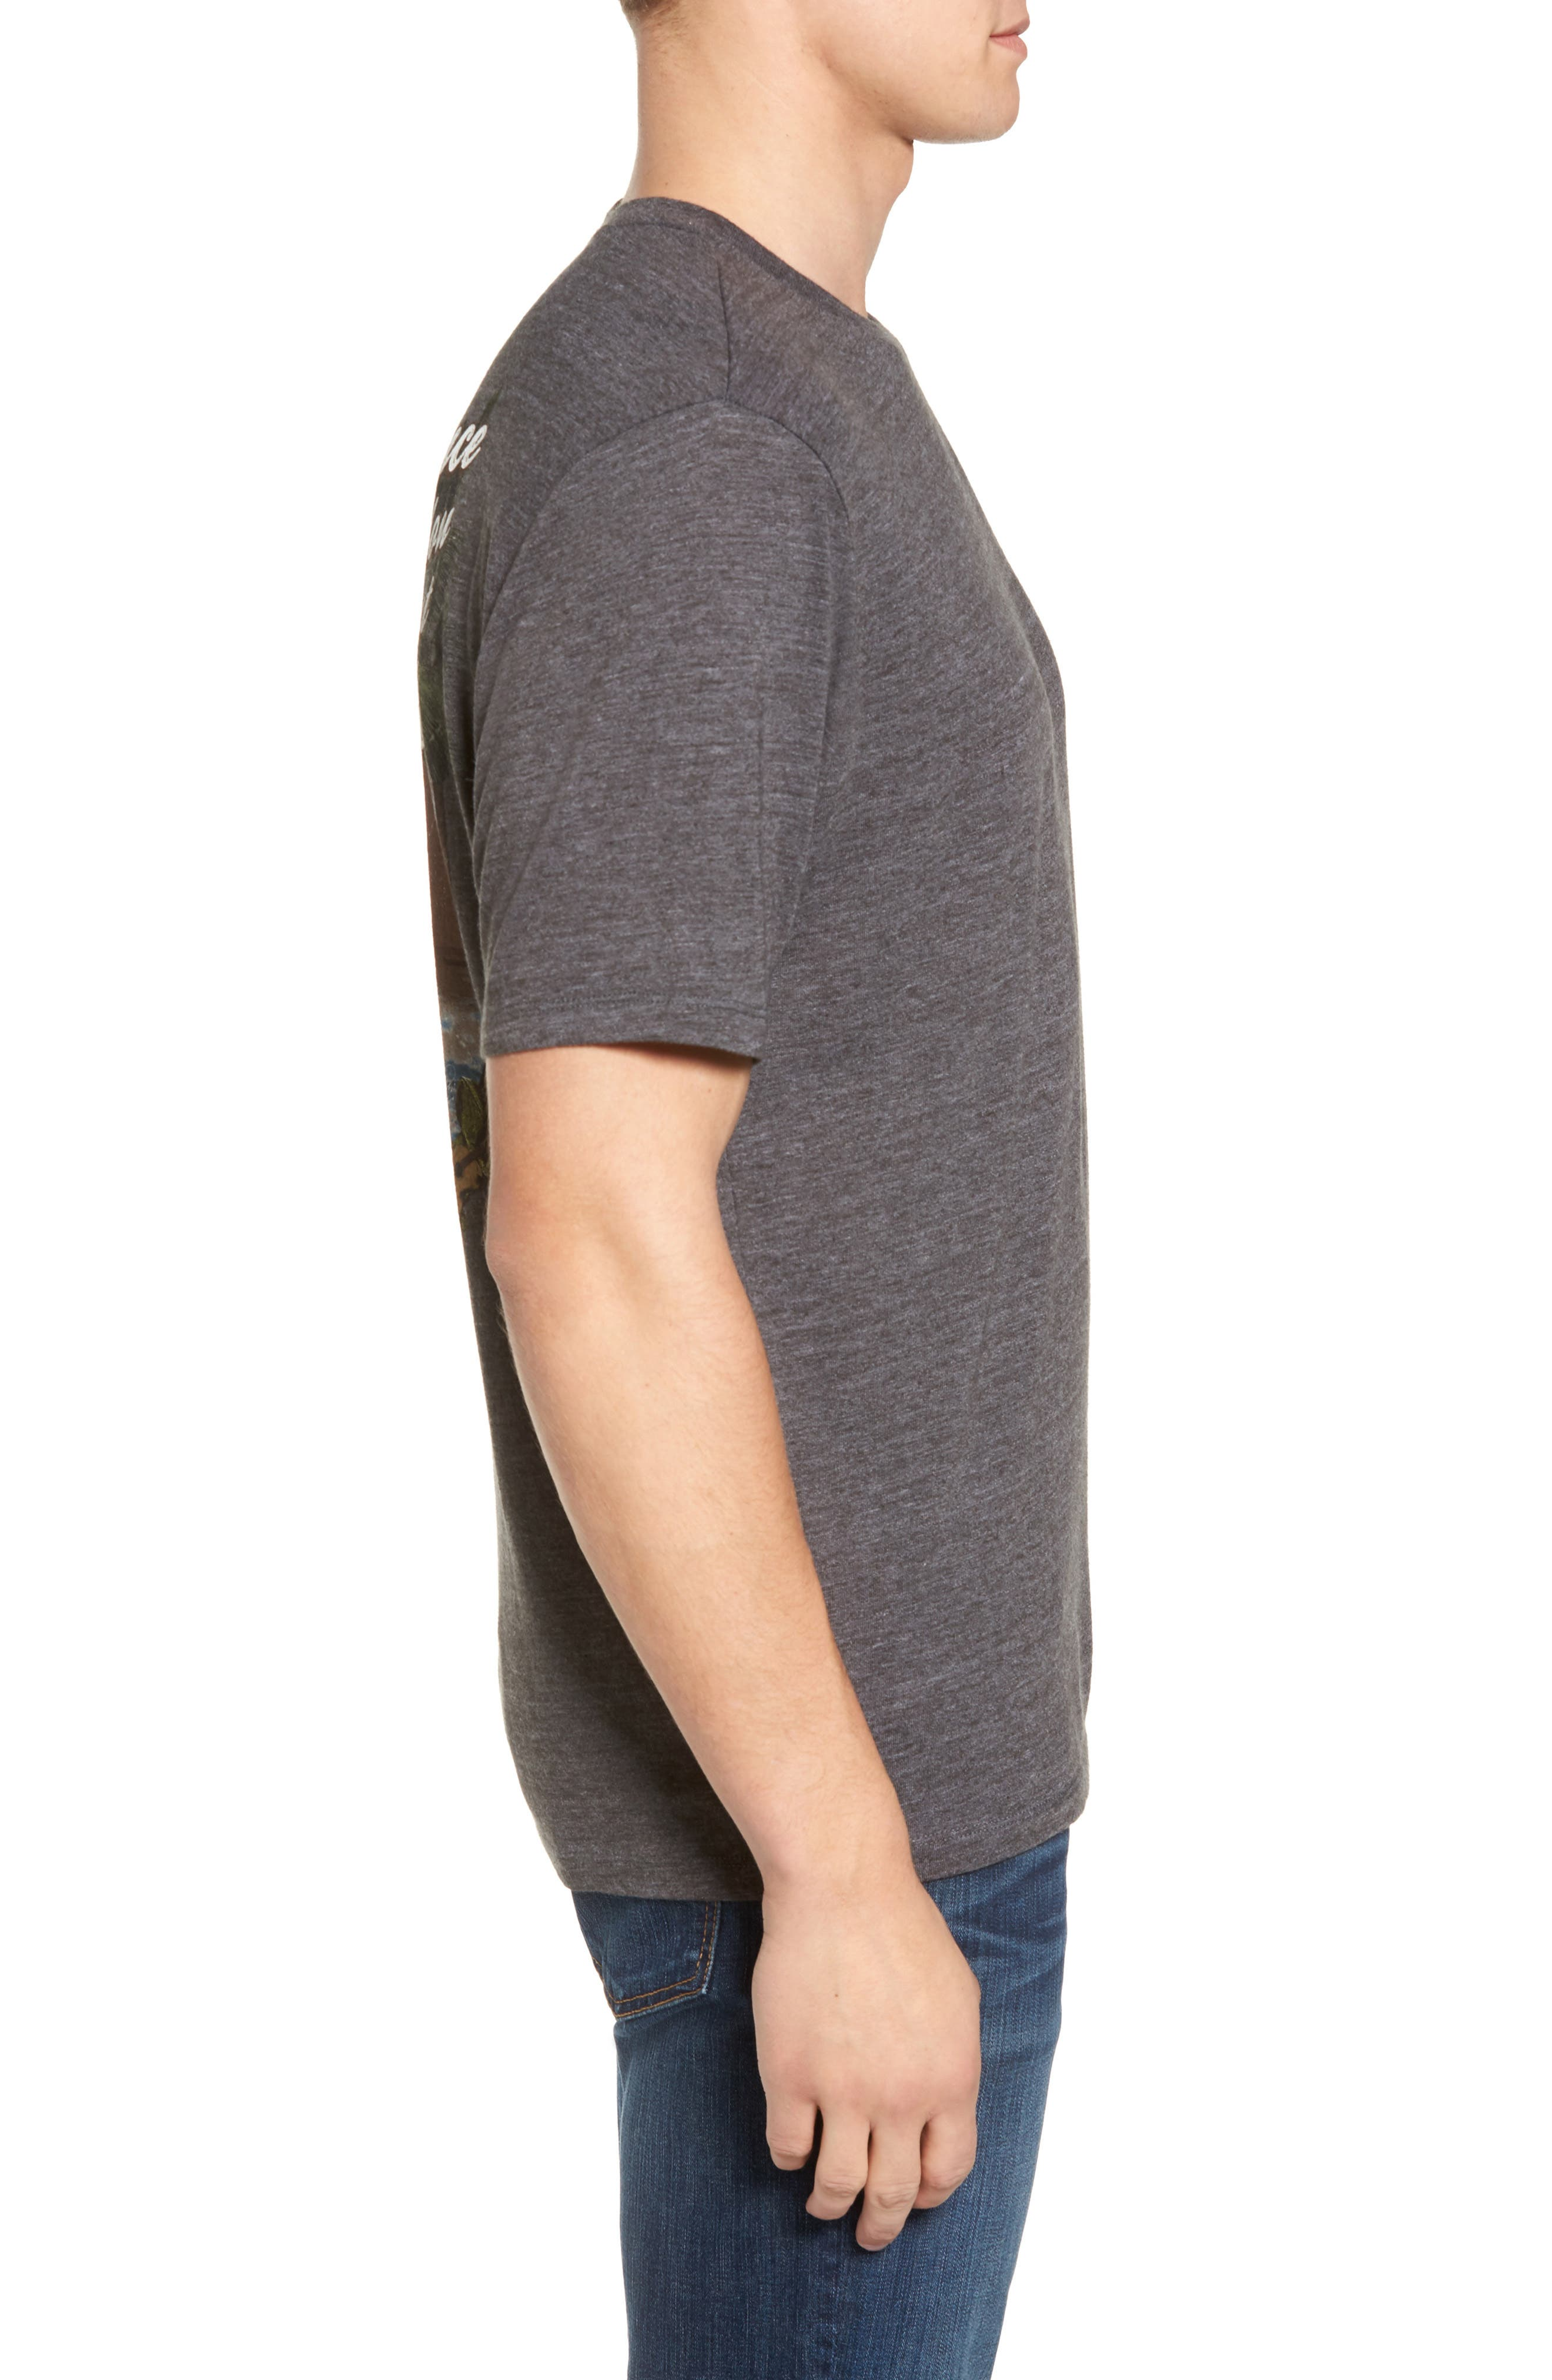 Toucan Dance Graphic T-Shirt,                             Alternate thumbnail 3, color,                             001